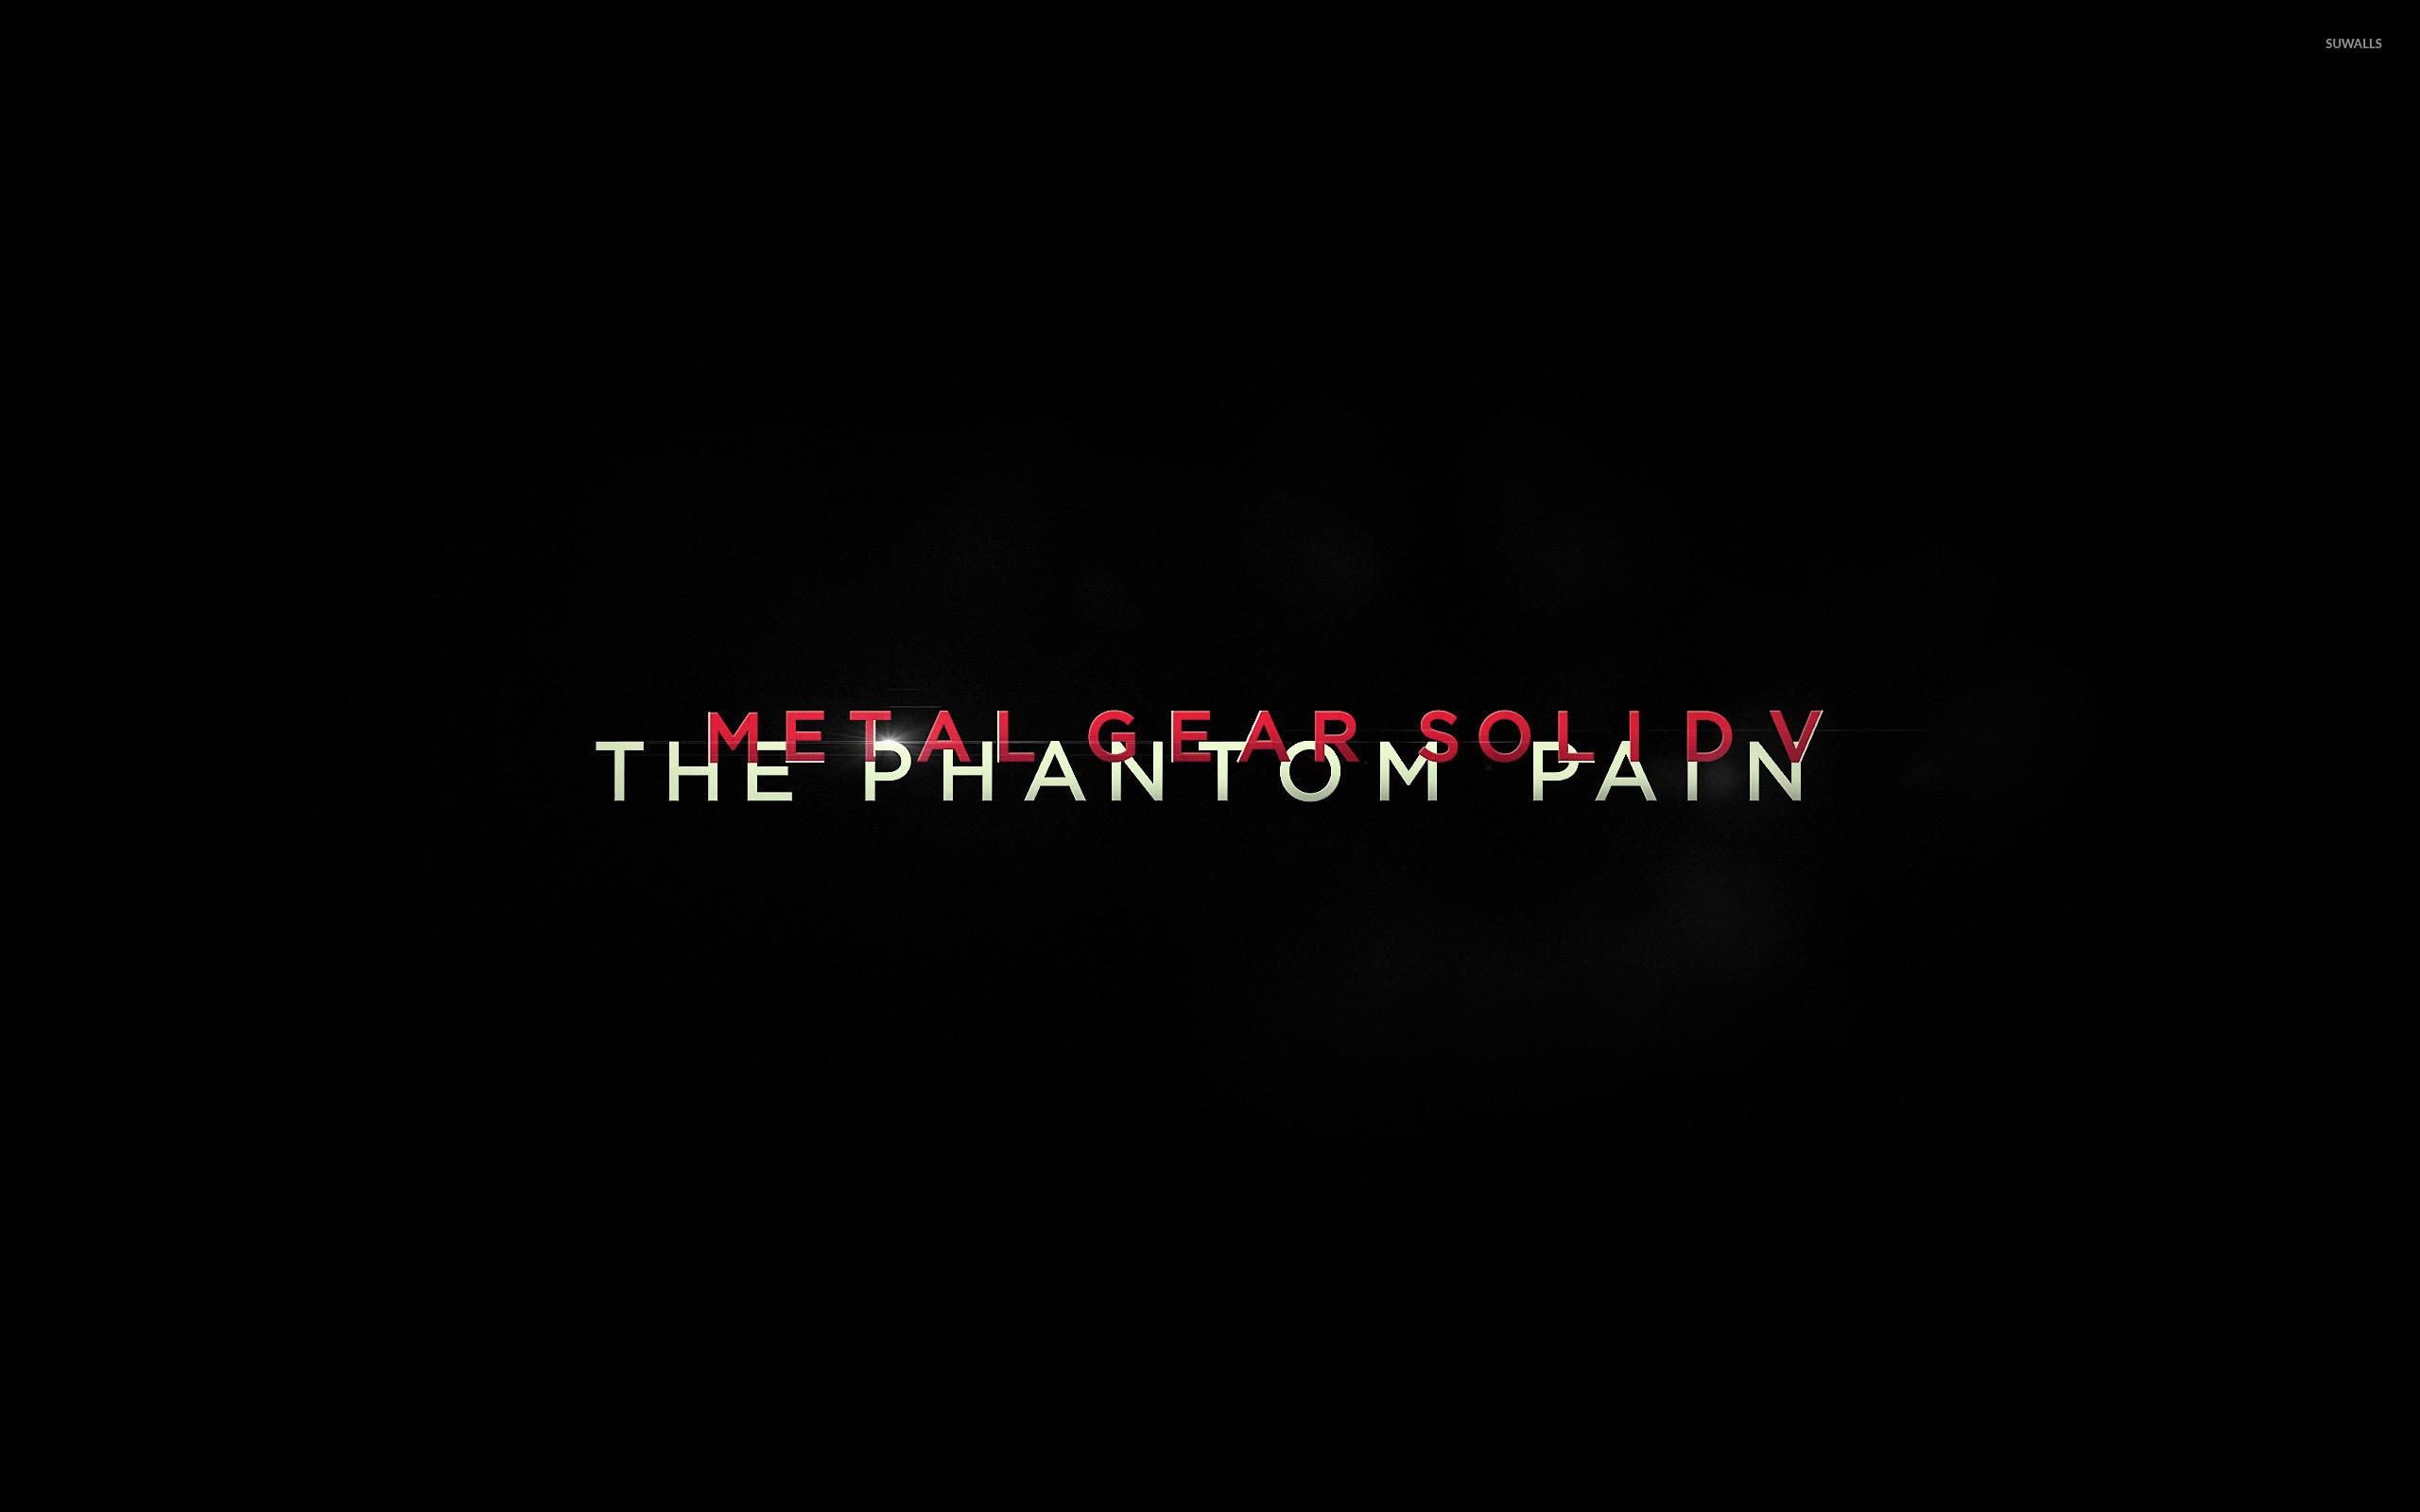 Metal Gear Solid V: The Phantom Pain [4] wallpaper jpg